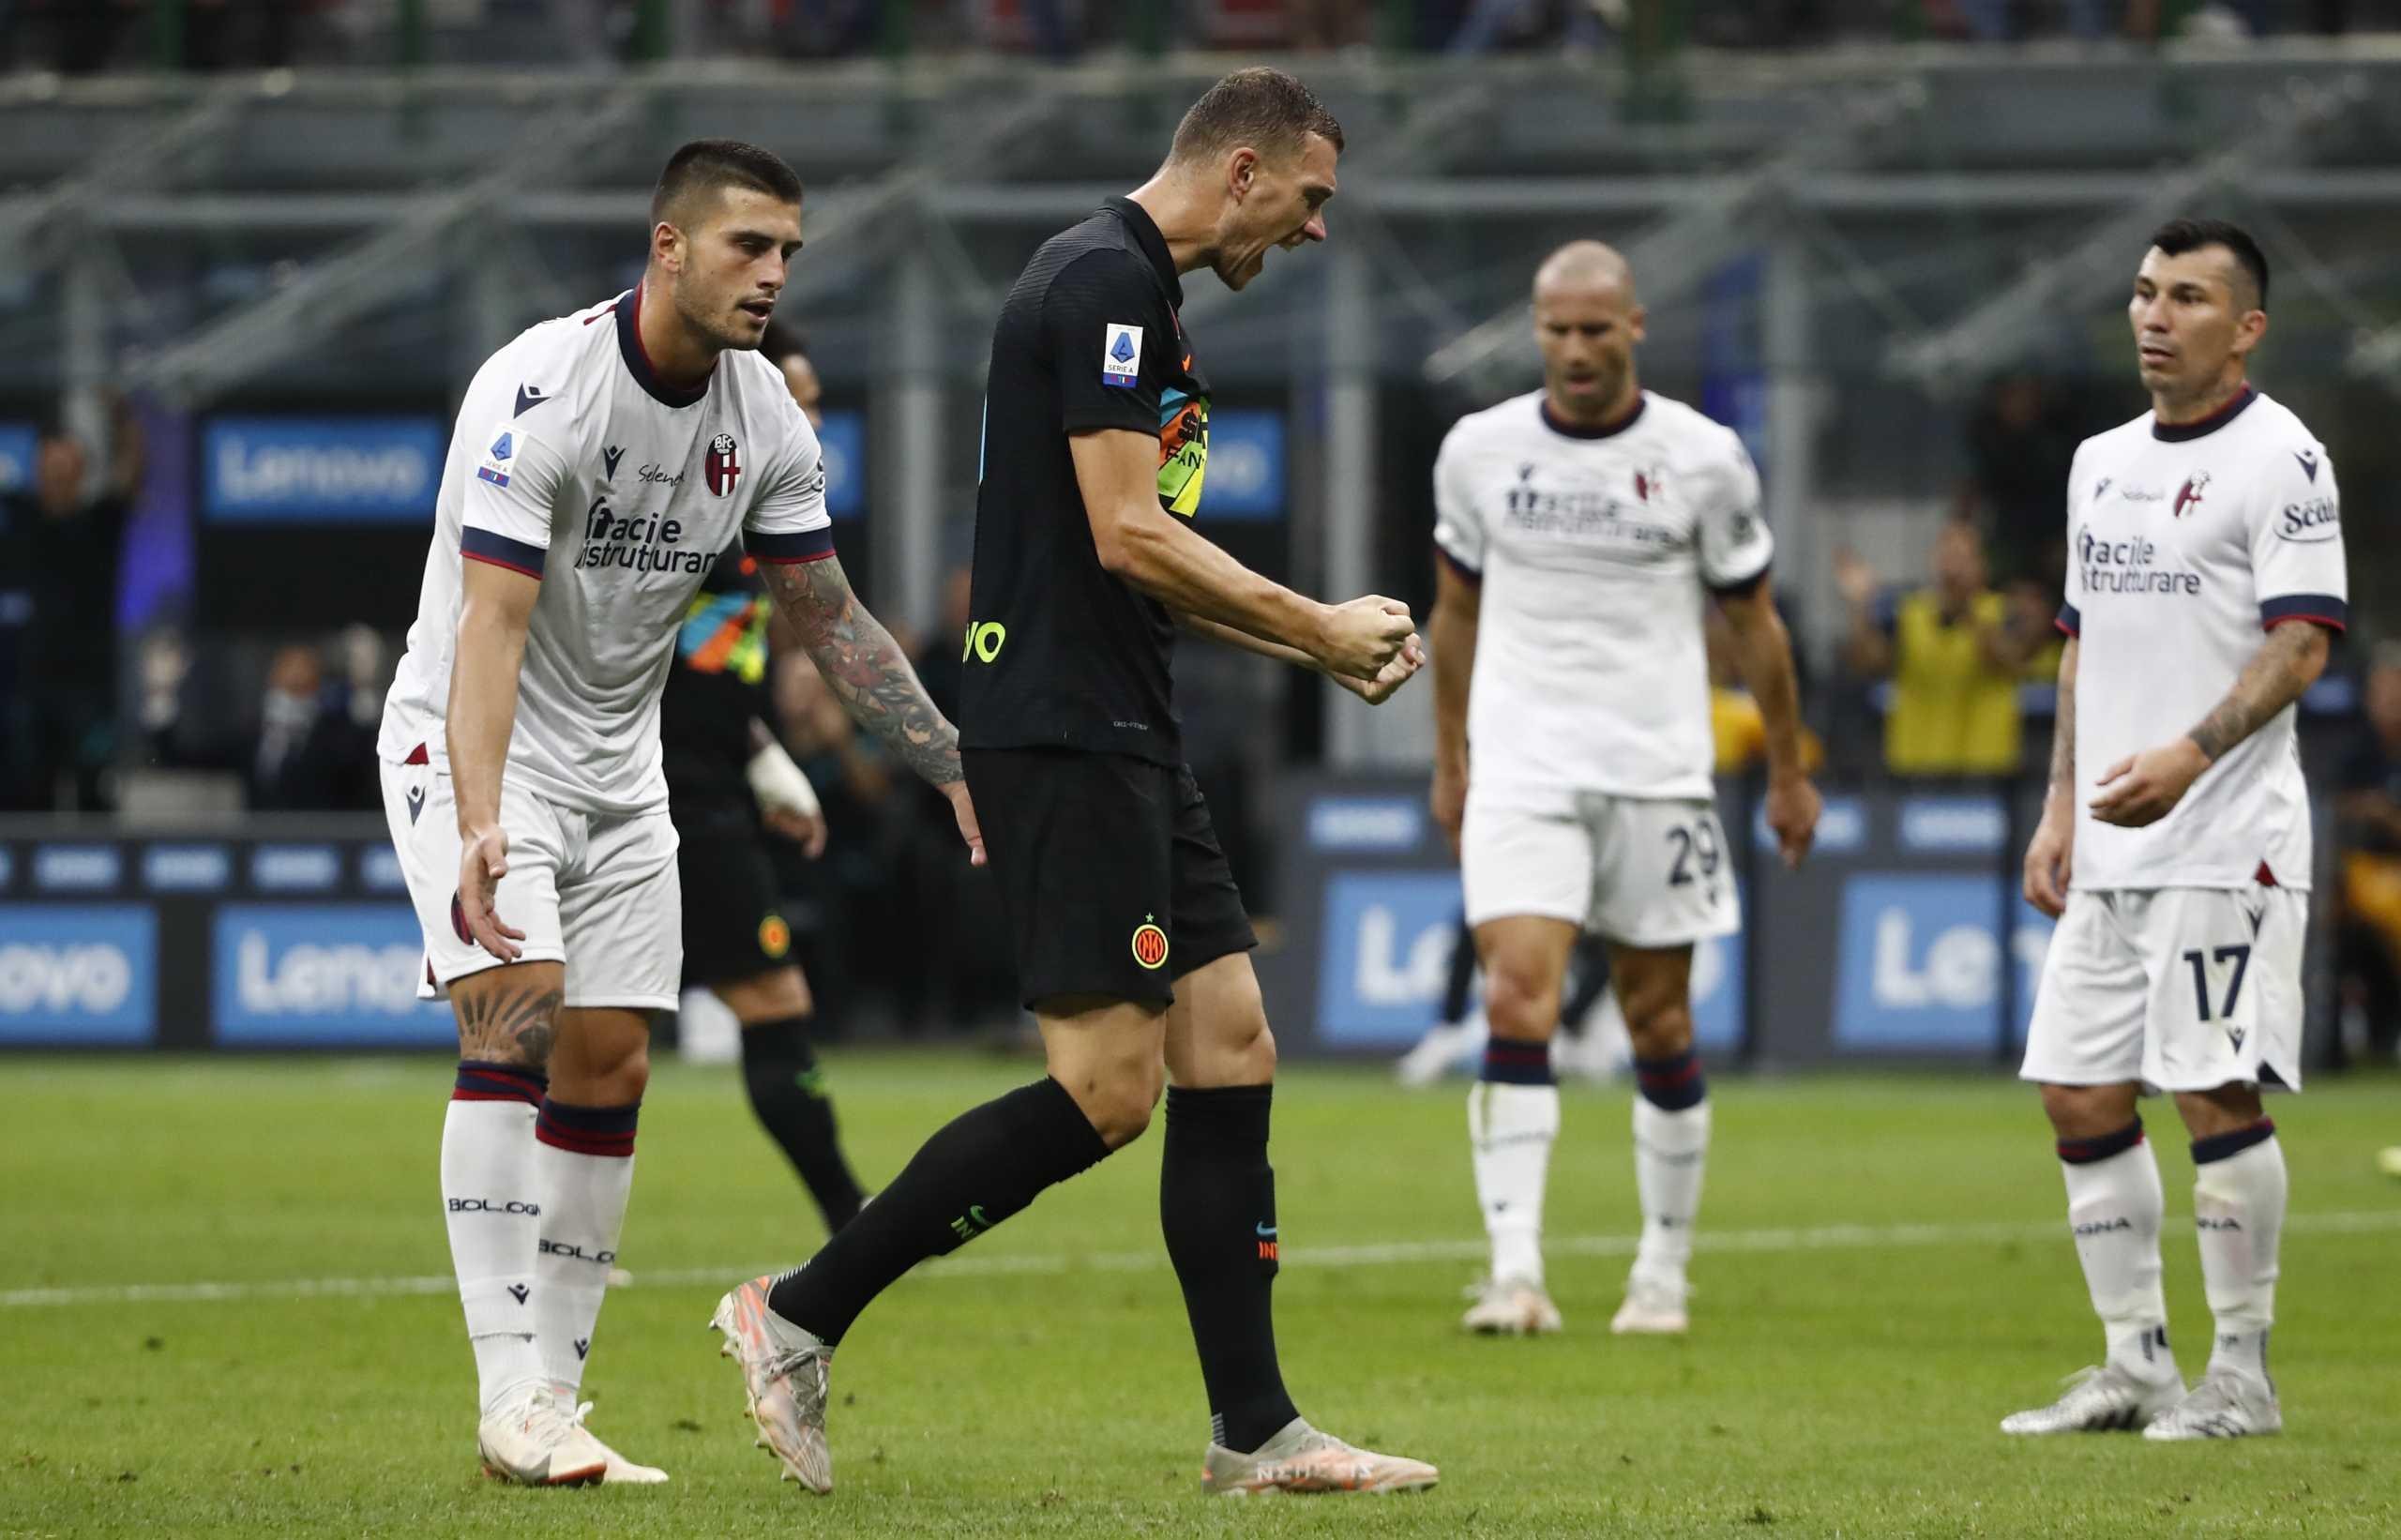 Ίντερ – Μπολόνια: 6-1: Καταιγιστική στο Μιλάνο με τρομερό γκολ από Τζεκο